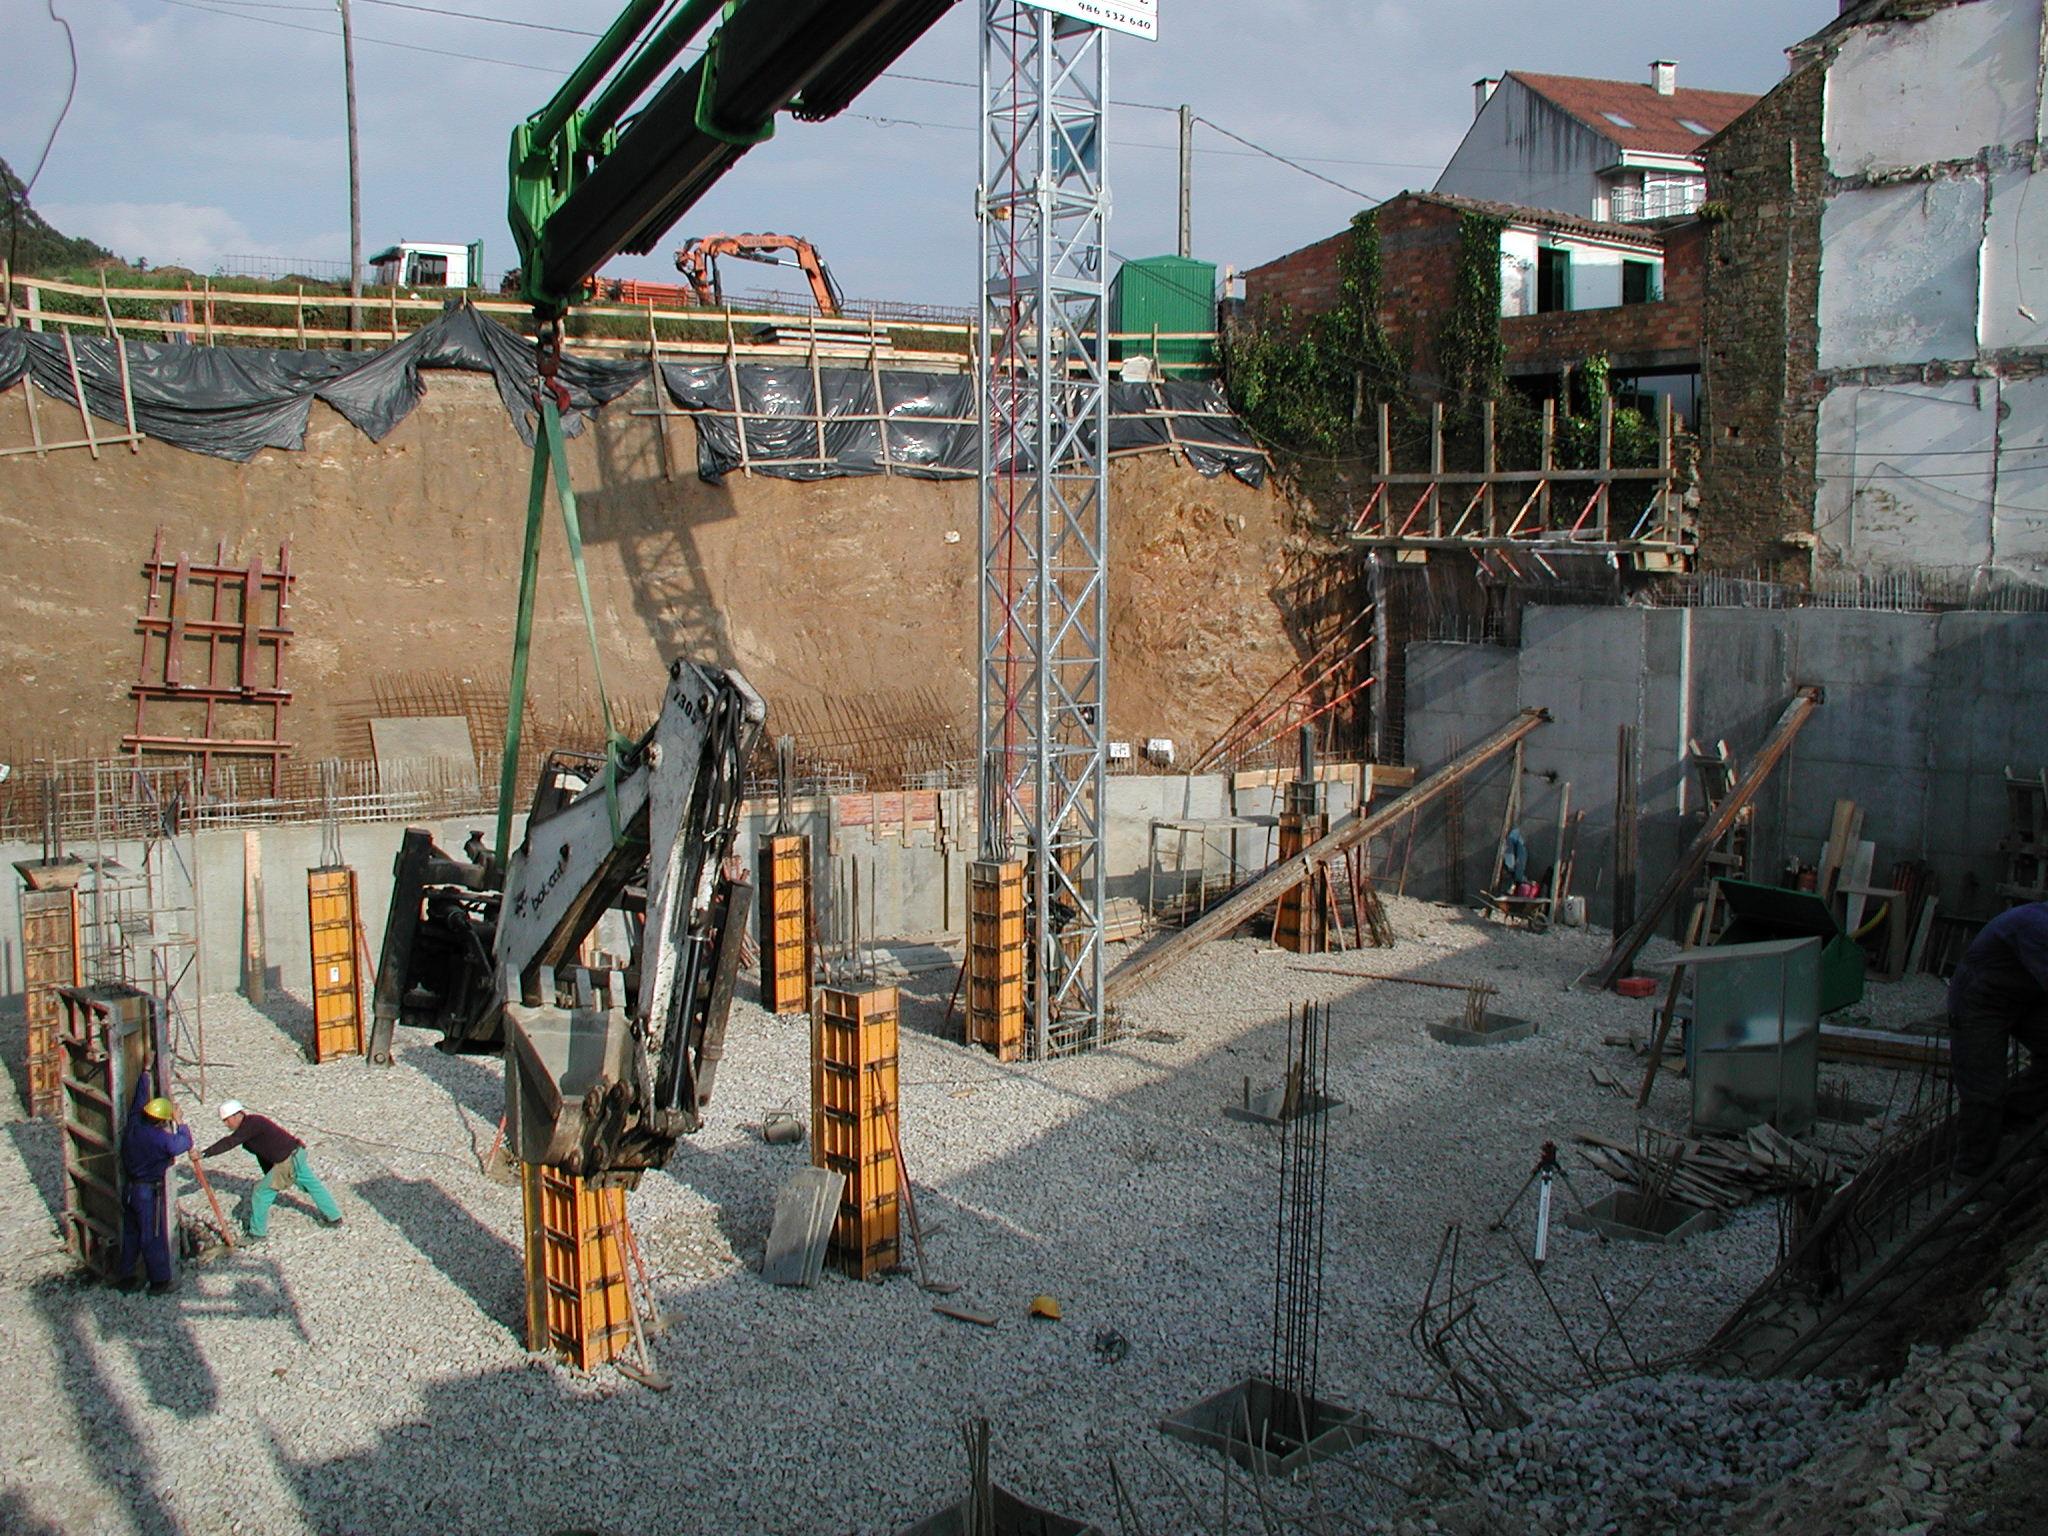 Obras excavaciones mid nexcavaciones mid n - Gimnasio milladoiro ...